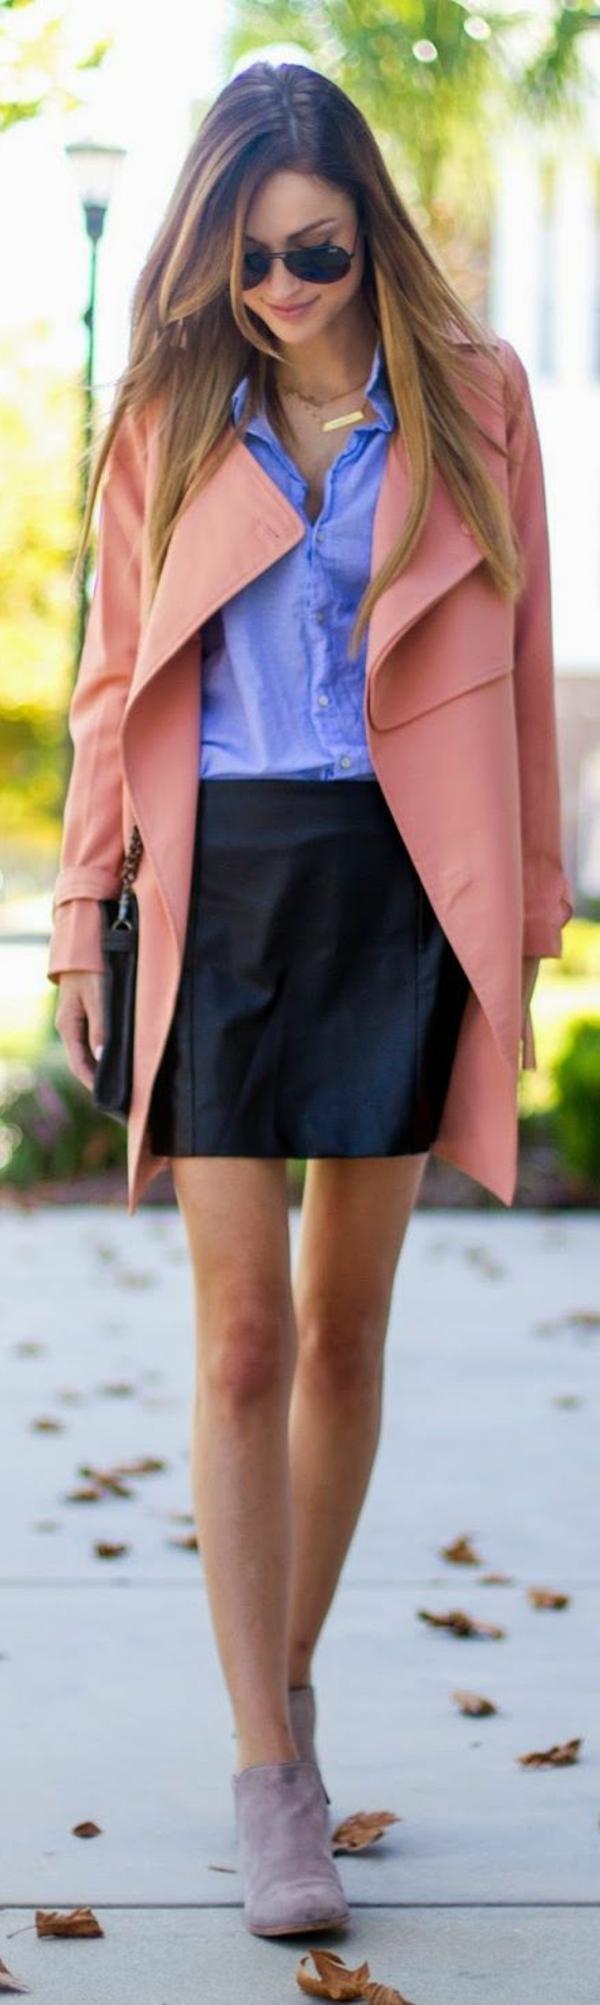 veste-corail-super-élégante-et-une-jupe-mini